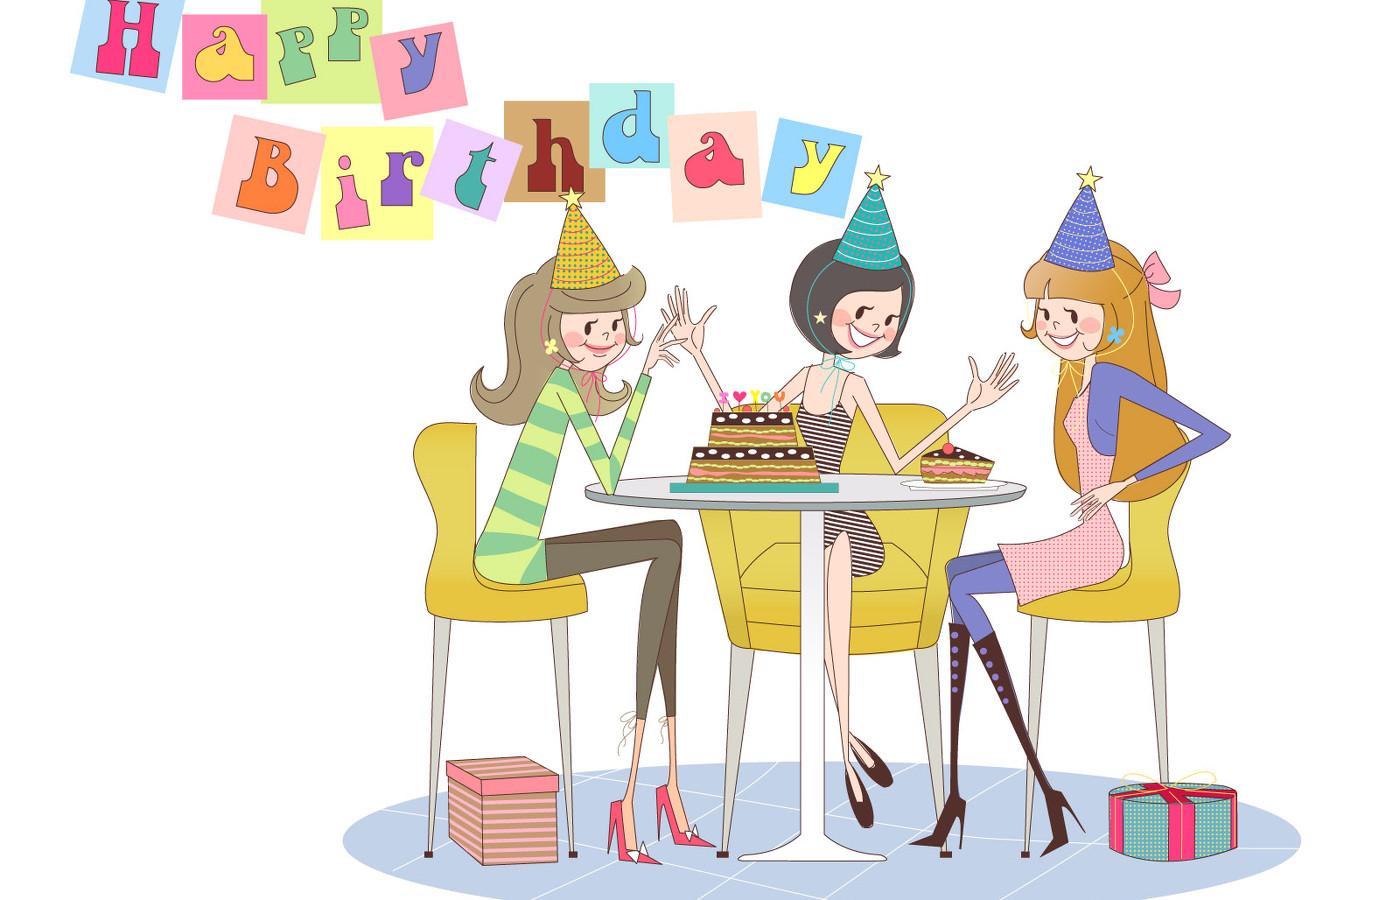 Гифки, открытки с днем рождения от подруг прикольные